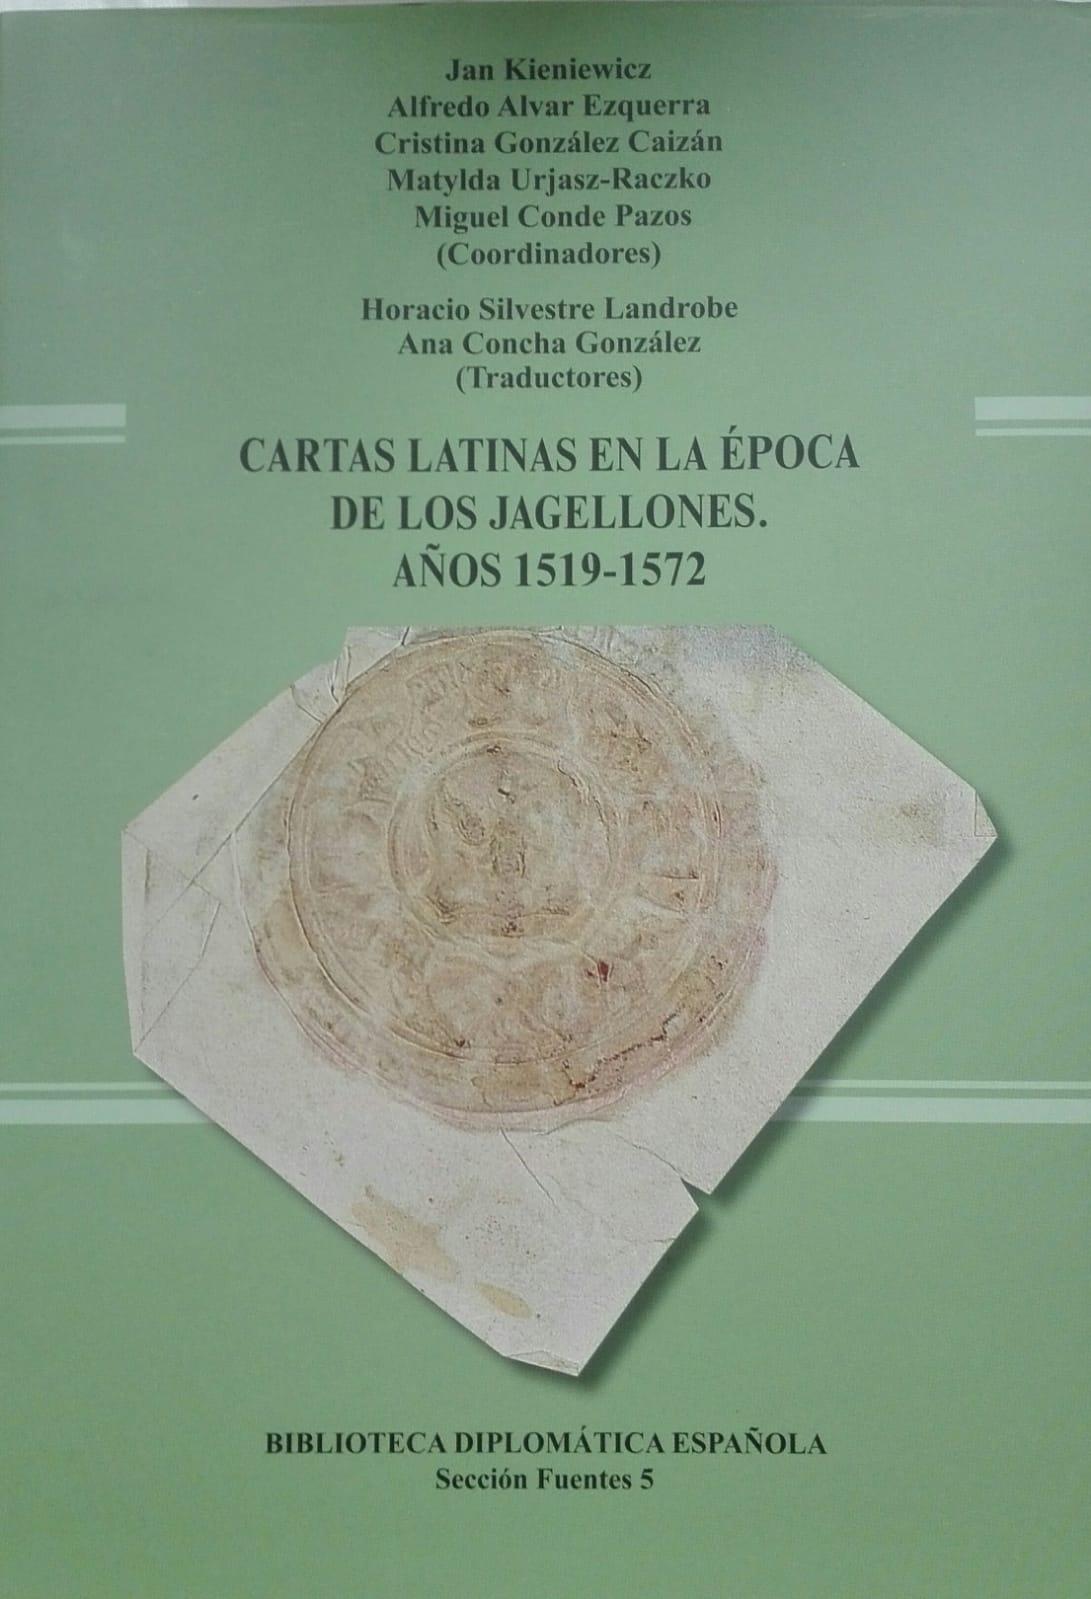 Book Cover: Cartas latinas en la época de los Jagellones. Años 1519-1572